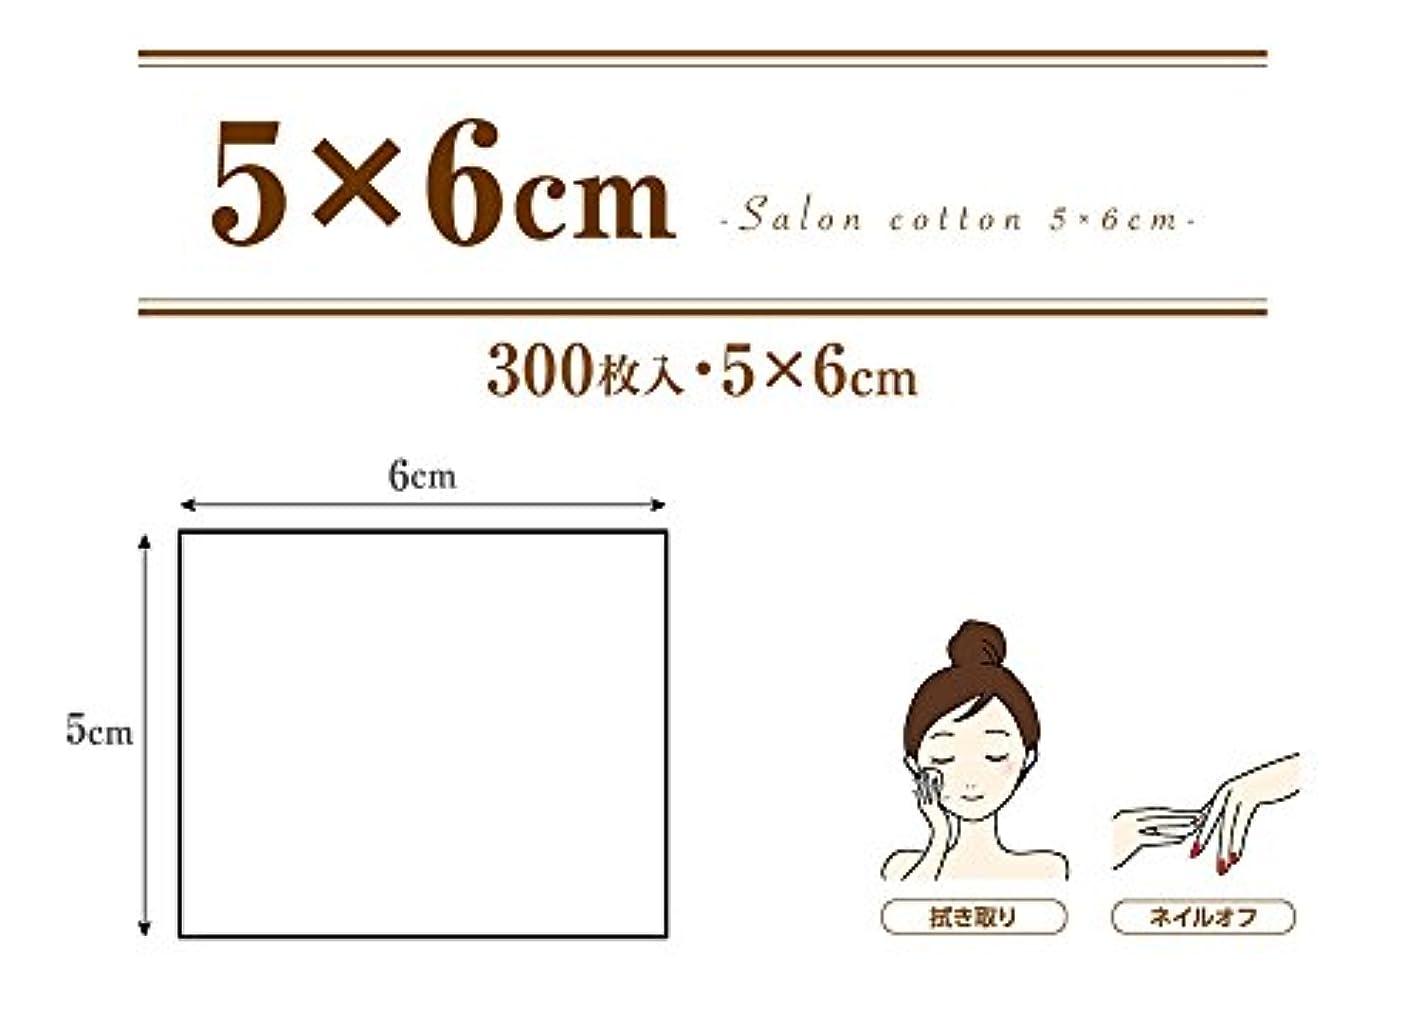 事務所インレイ脱獄業務用 コットンパフ (5×6cm 300枚入 箱入り) サロンコットン 5×6